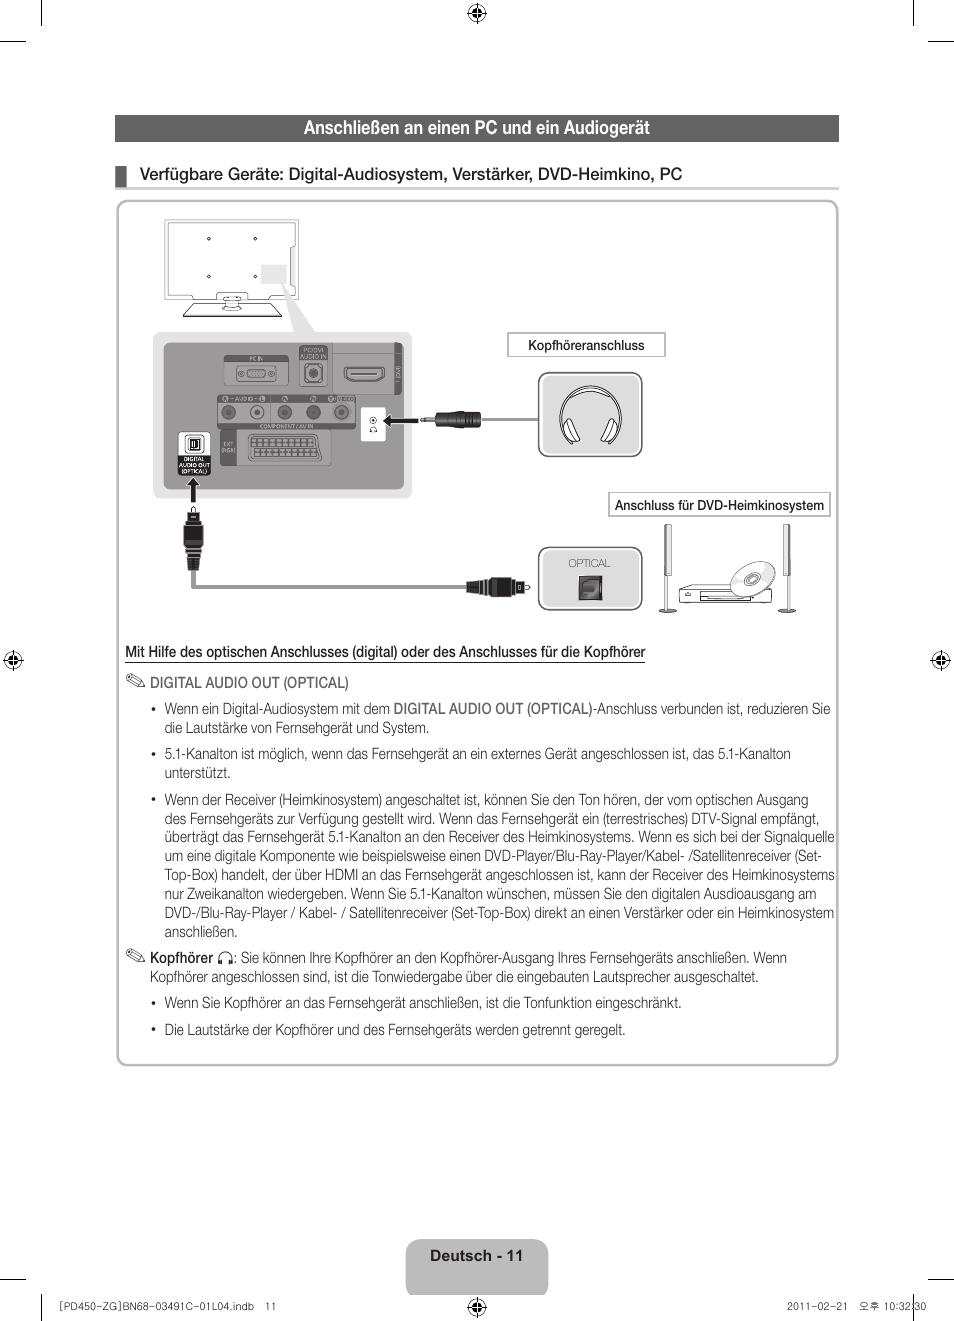 Schön Verkabelung Eines Heimkinosystems Fotos - Der Schaltplan ...